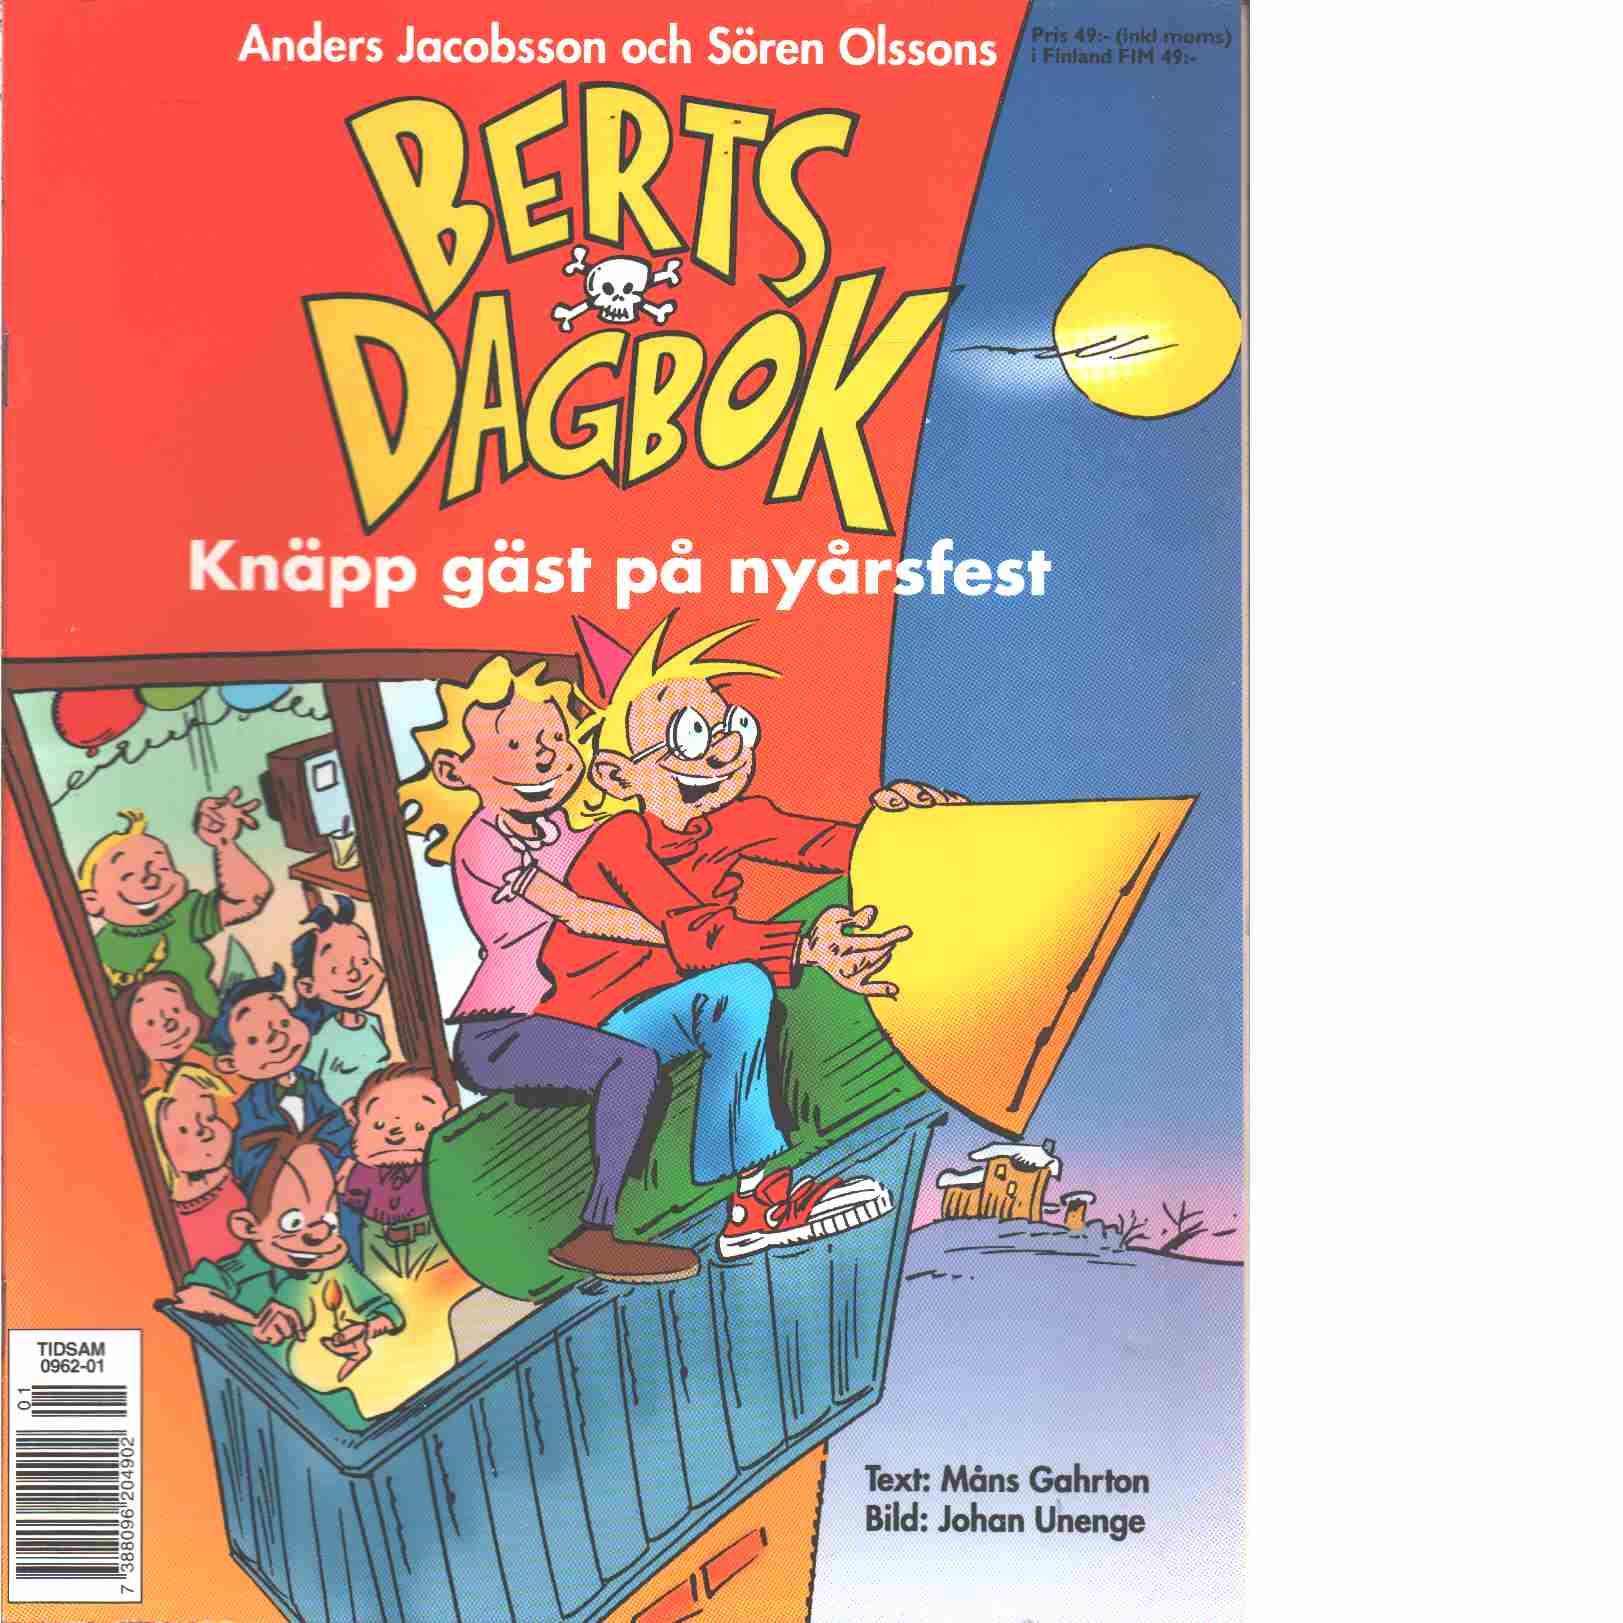 Berts dagbok : Knäpp gäst på nyårsfest - Gahrton, Måns och Unenge, Johan